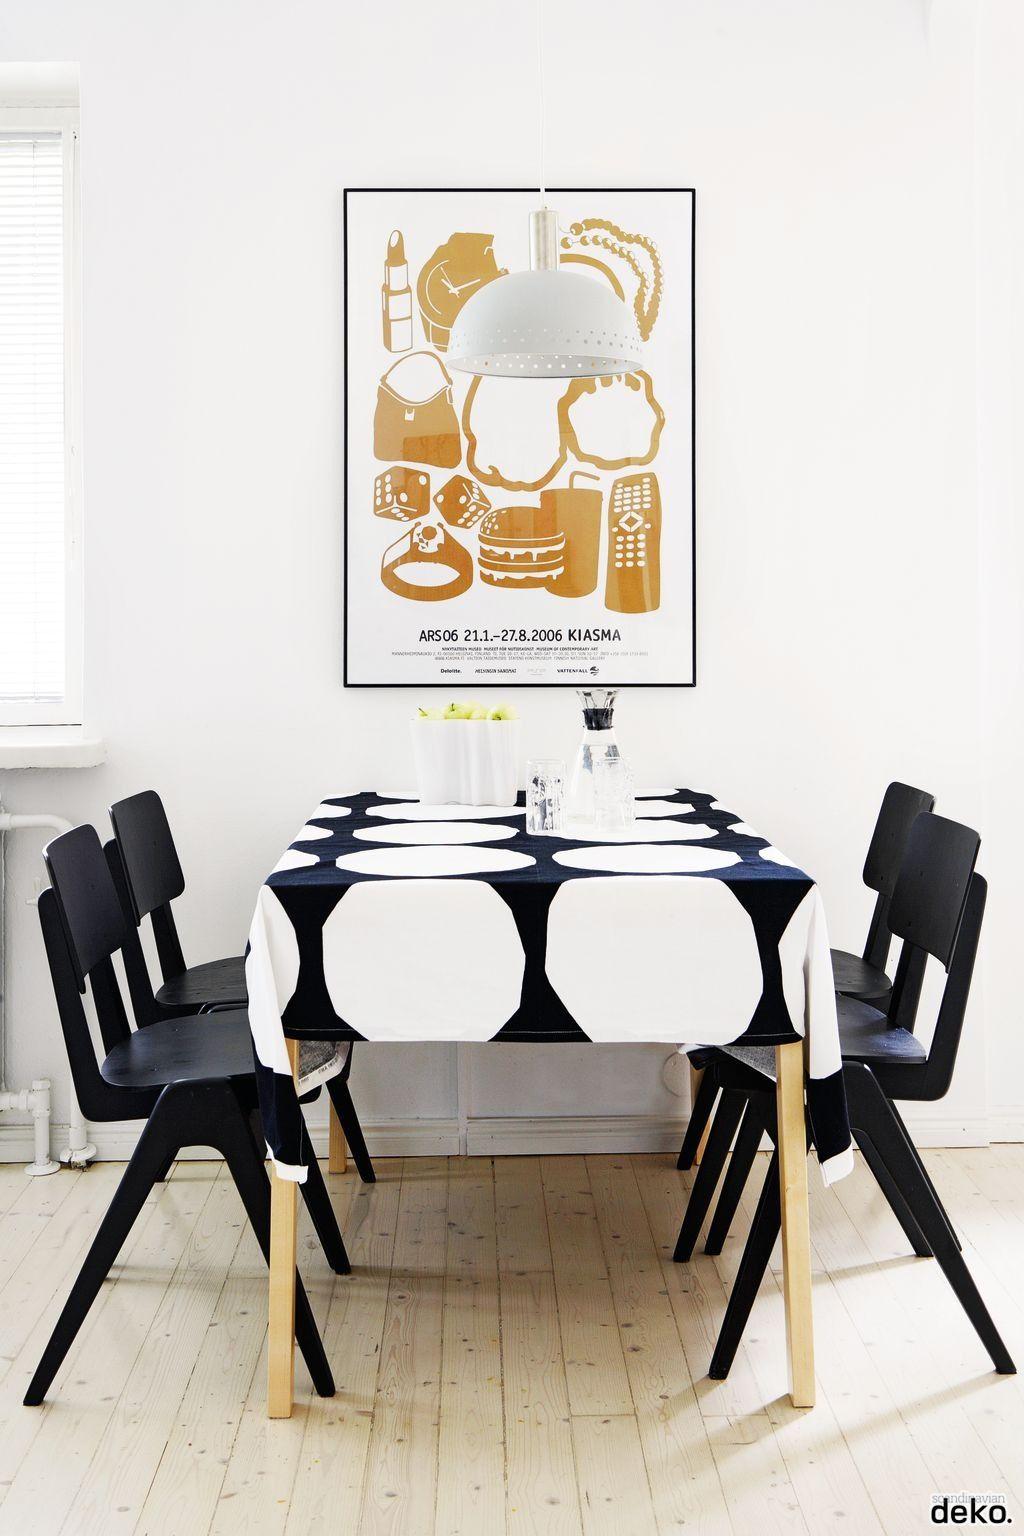 Dining room scandinavian deko scandinavian pinterest for Skandinavien deko